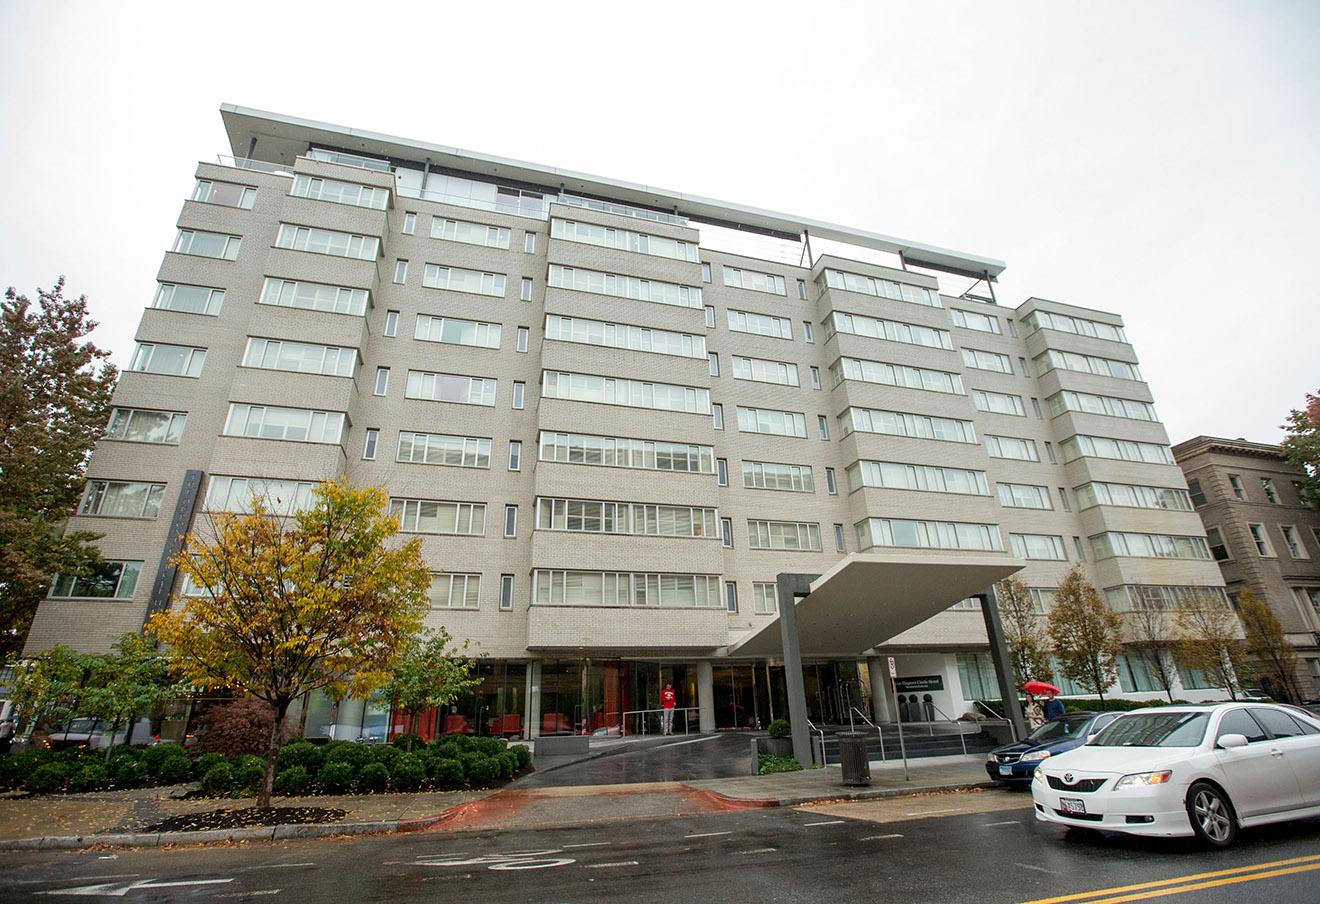 Отель Dupont Circle в Вашингтоне, в котором нашли тело Михаила Лесина.